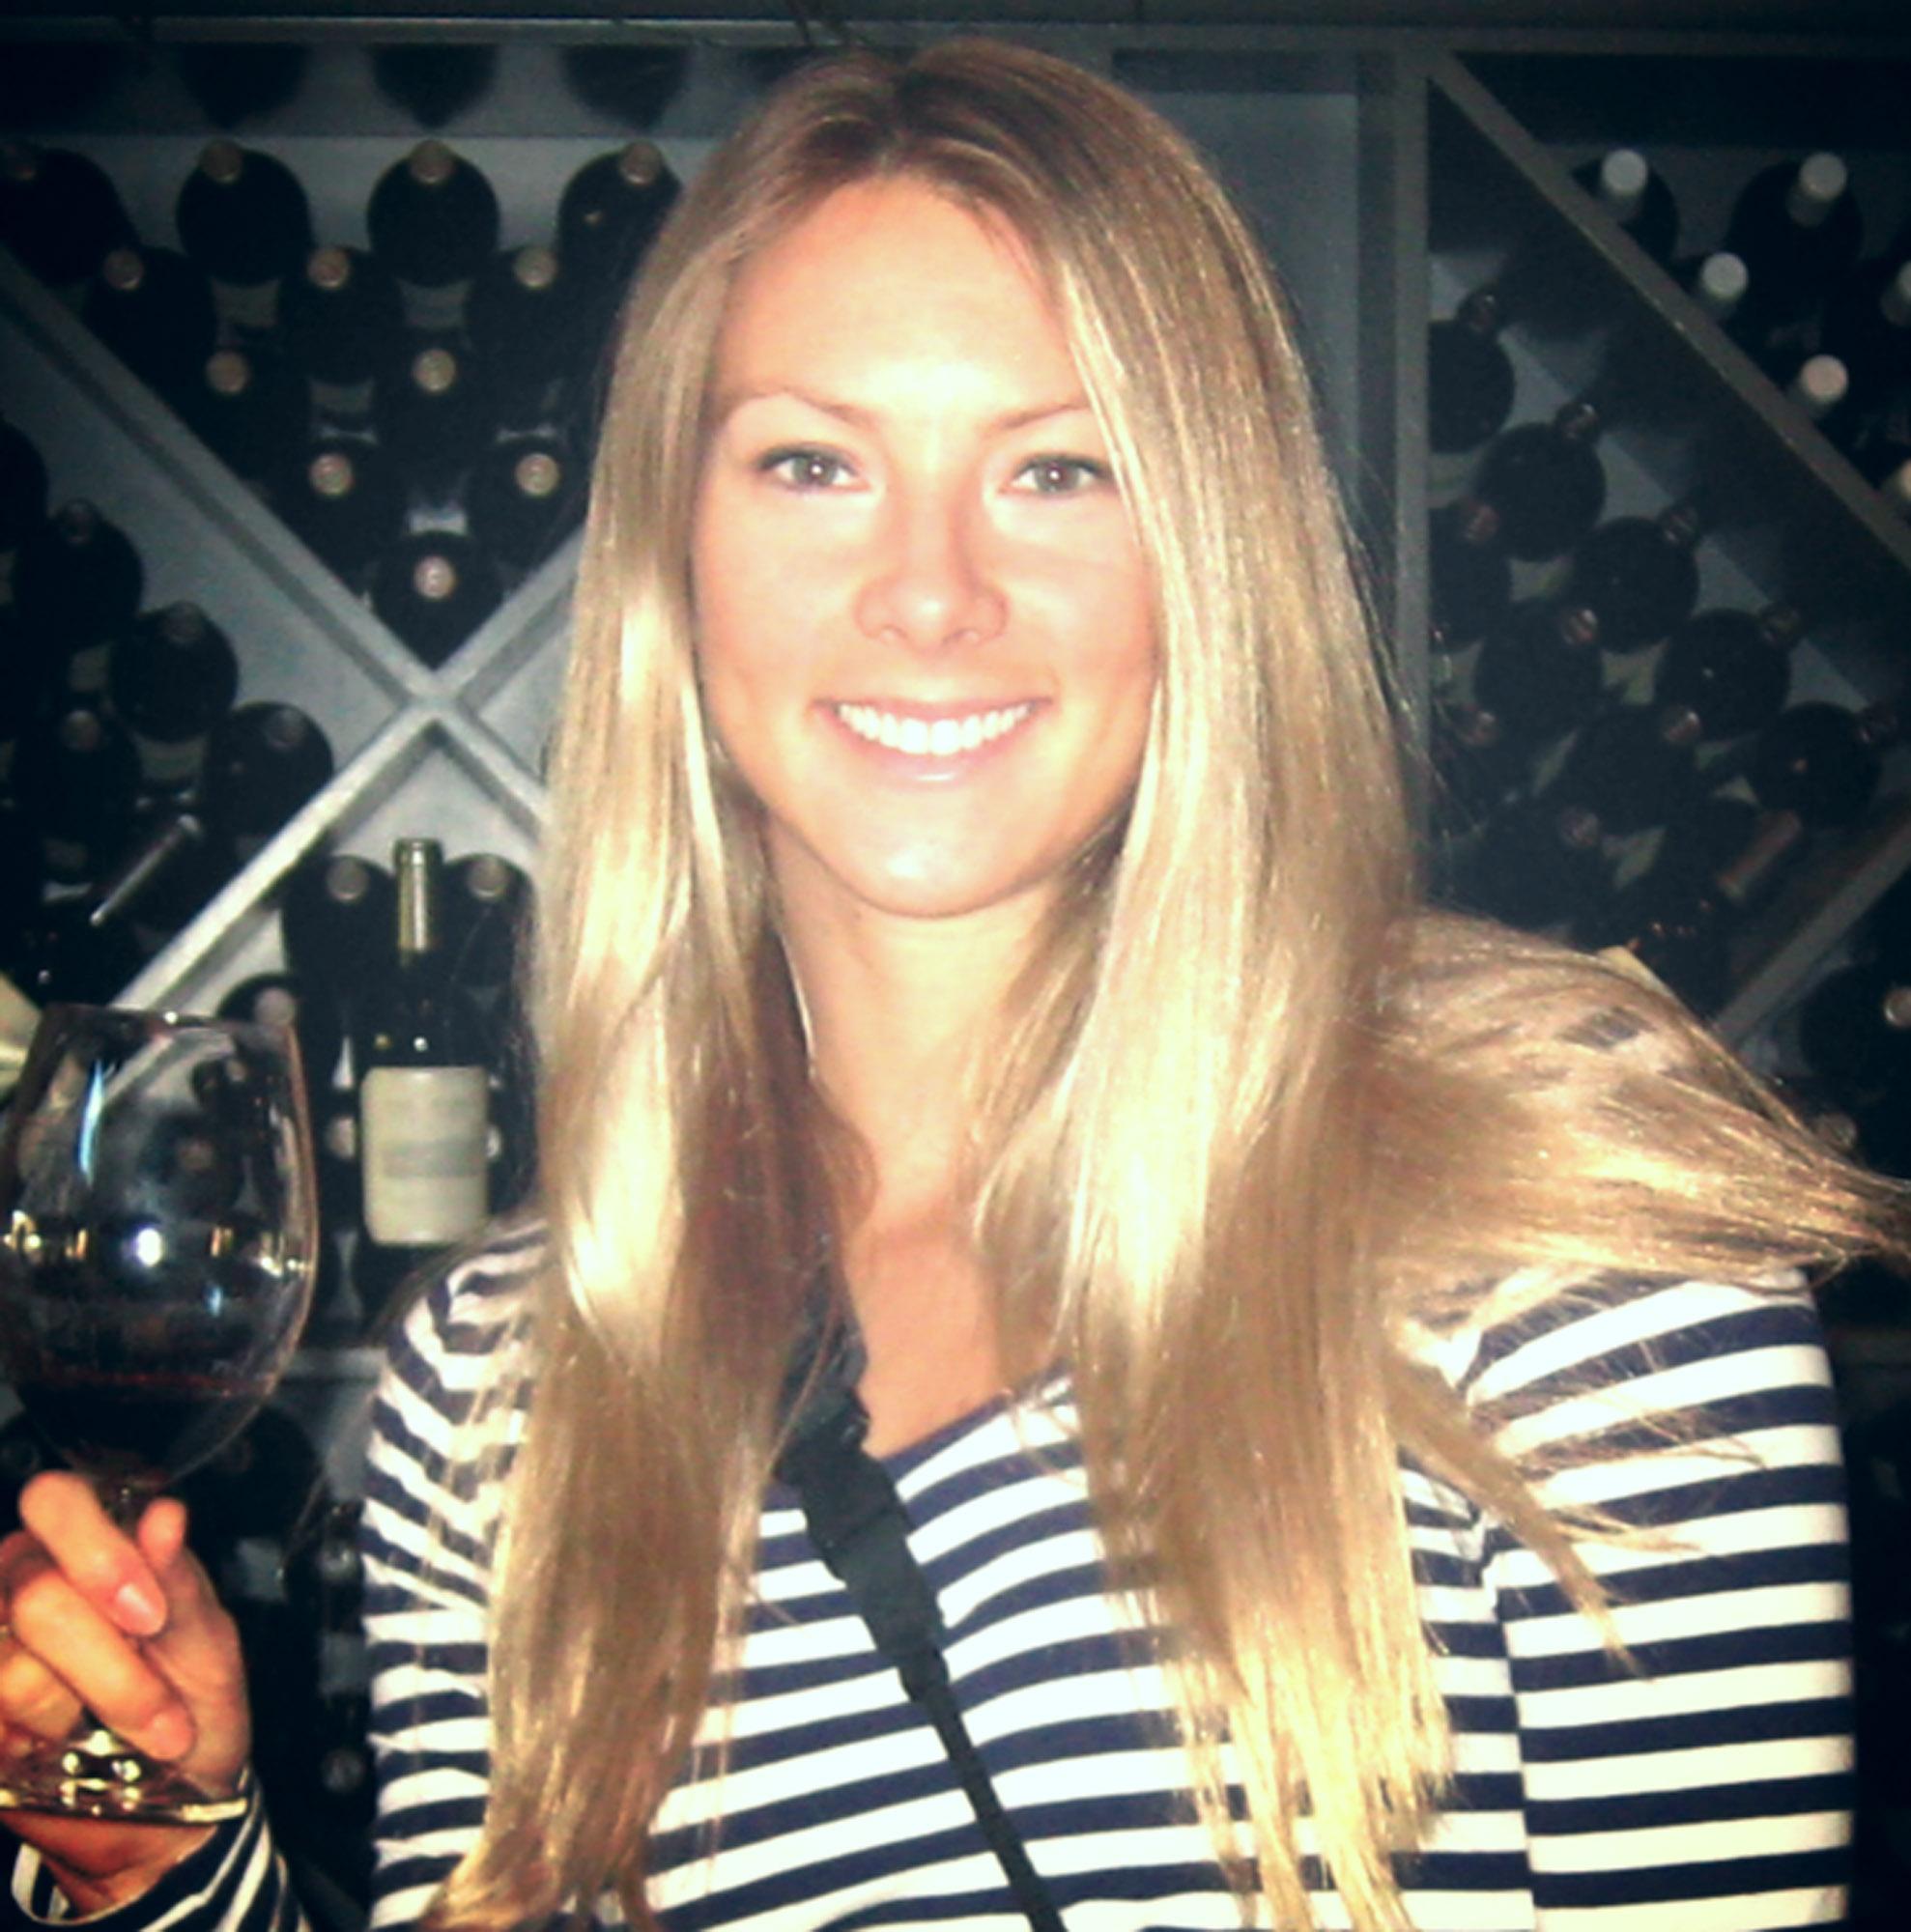 Dominic Moore's wife Katie Moore